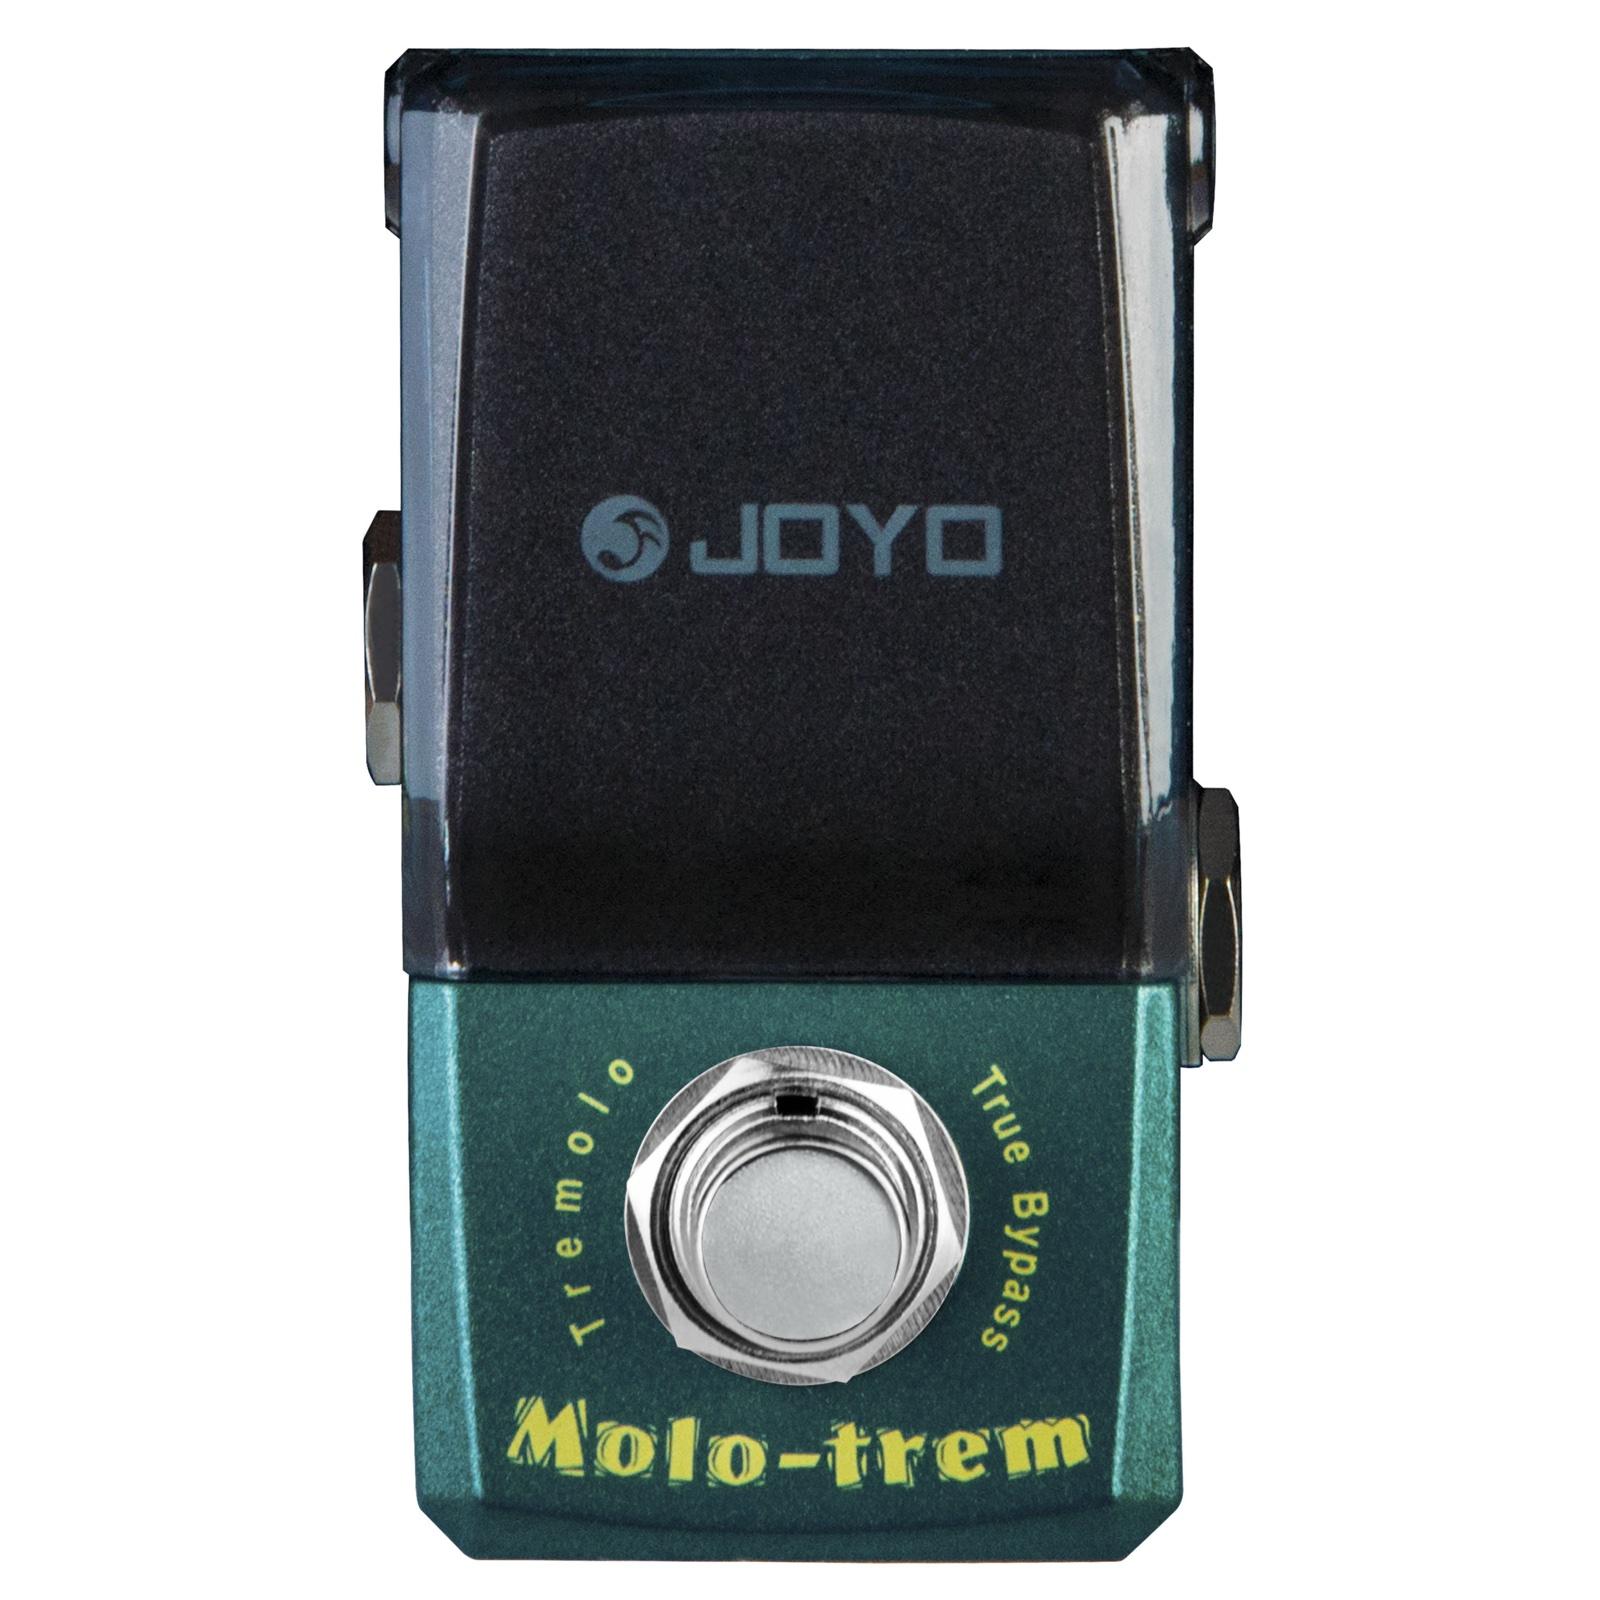 [JF-325 | Pedal guitarra Molo-Trem]